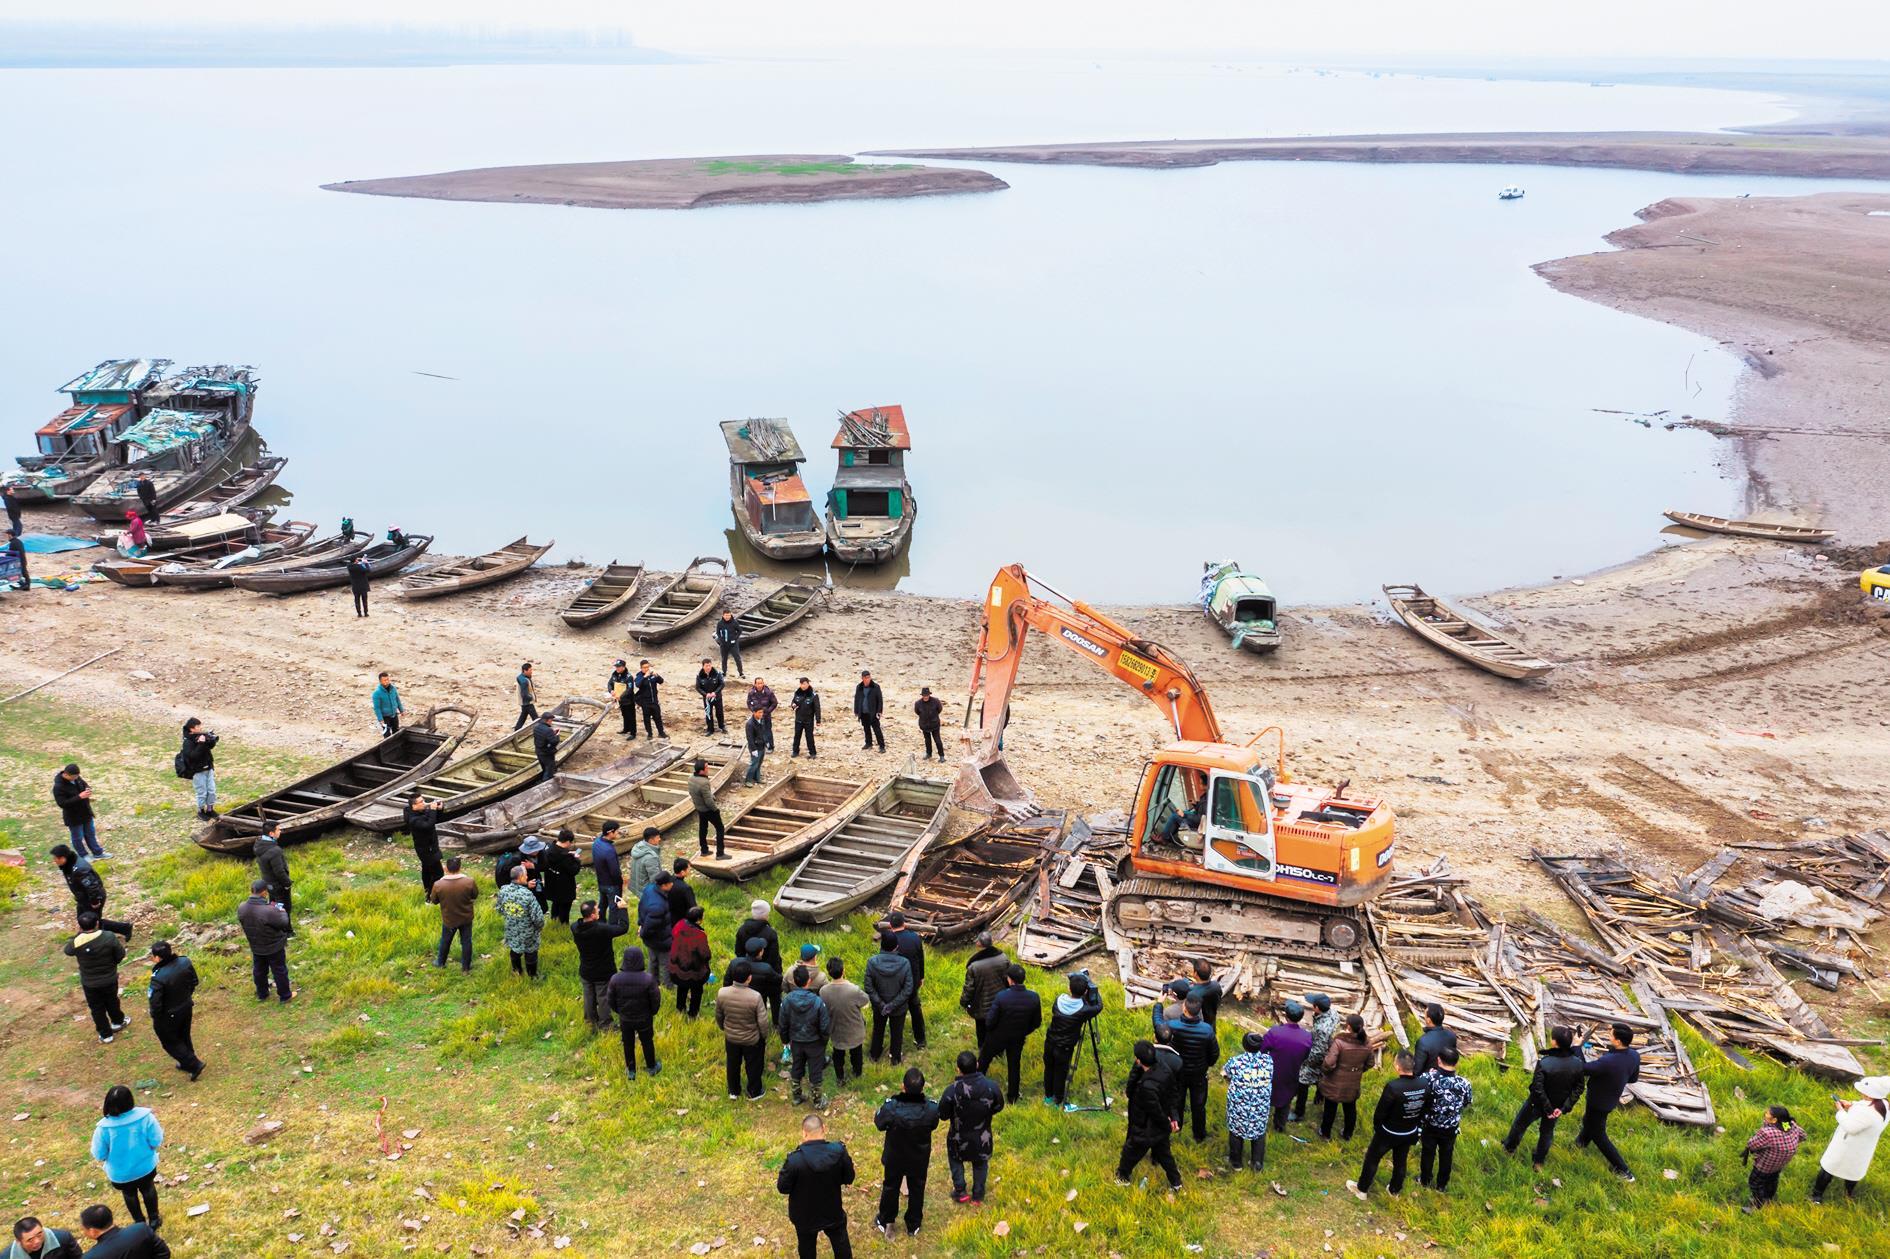 9022艘渔船年底将全部拆解上岸